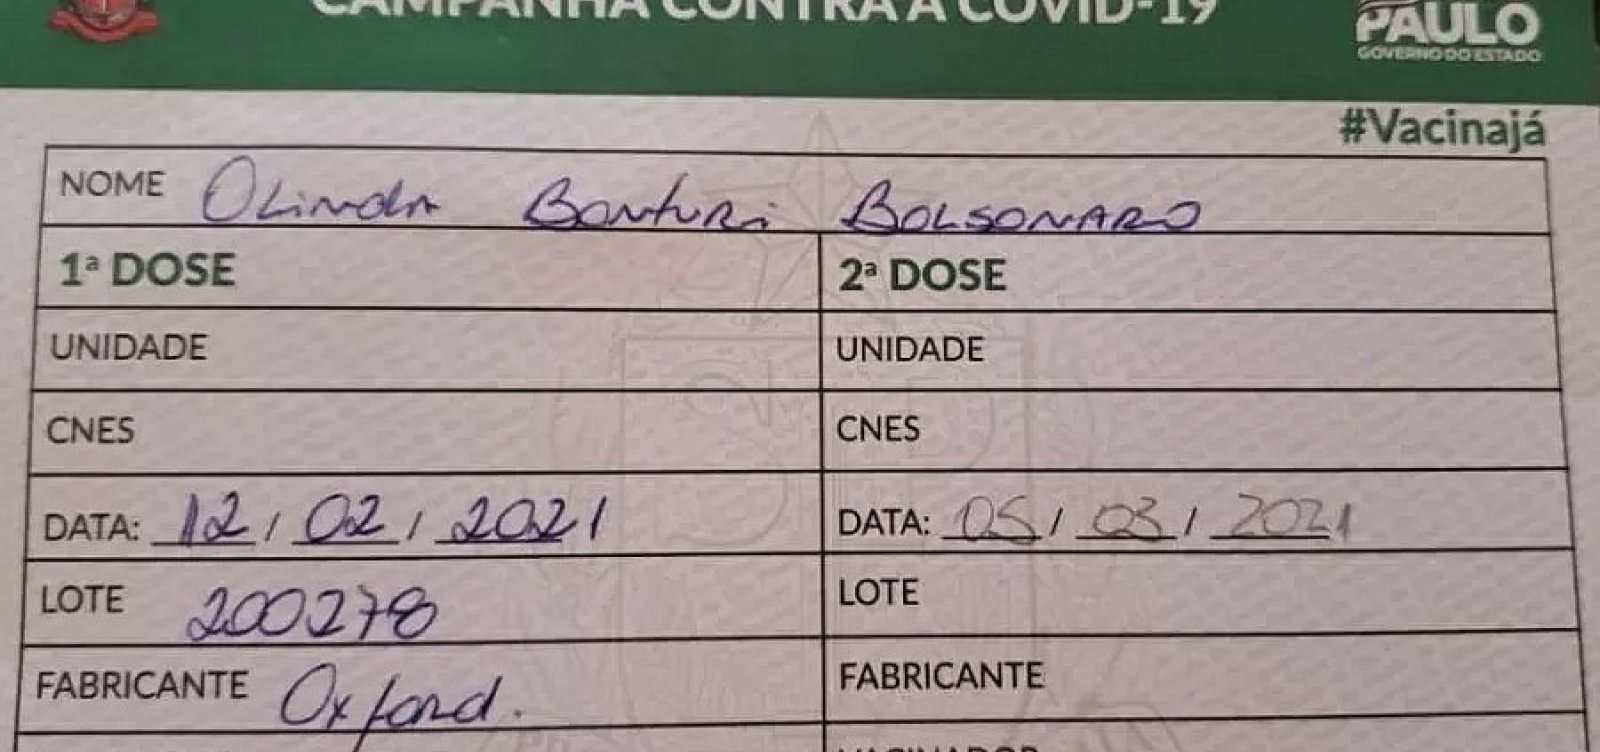 Cartão de vacinação da mãe de Bolsonaro tem nome de Oxford, mas indicações da Coronavac